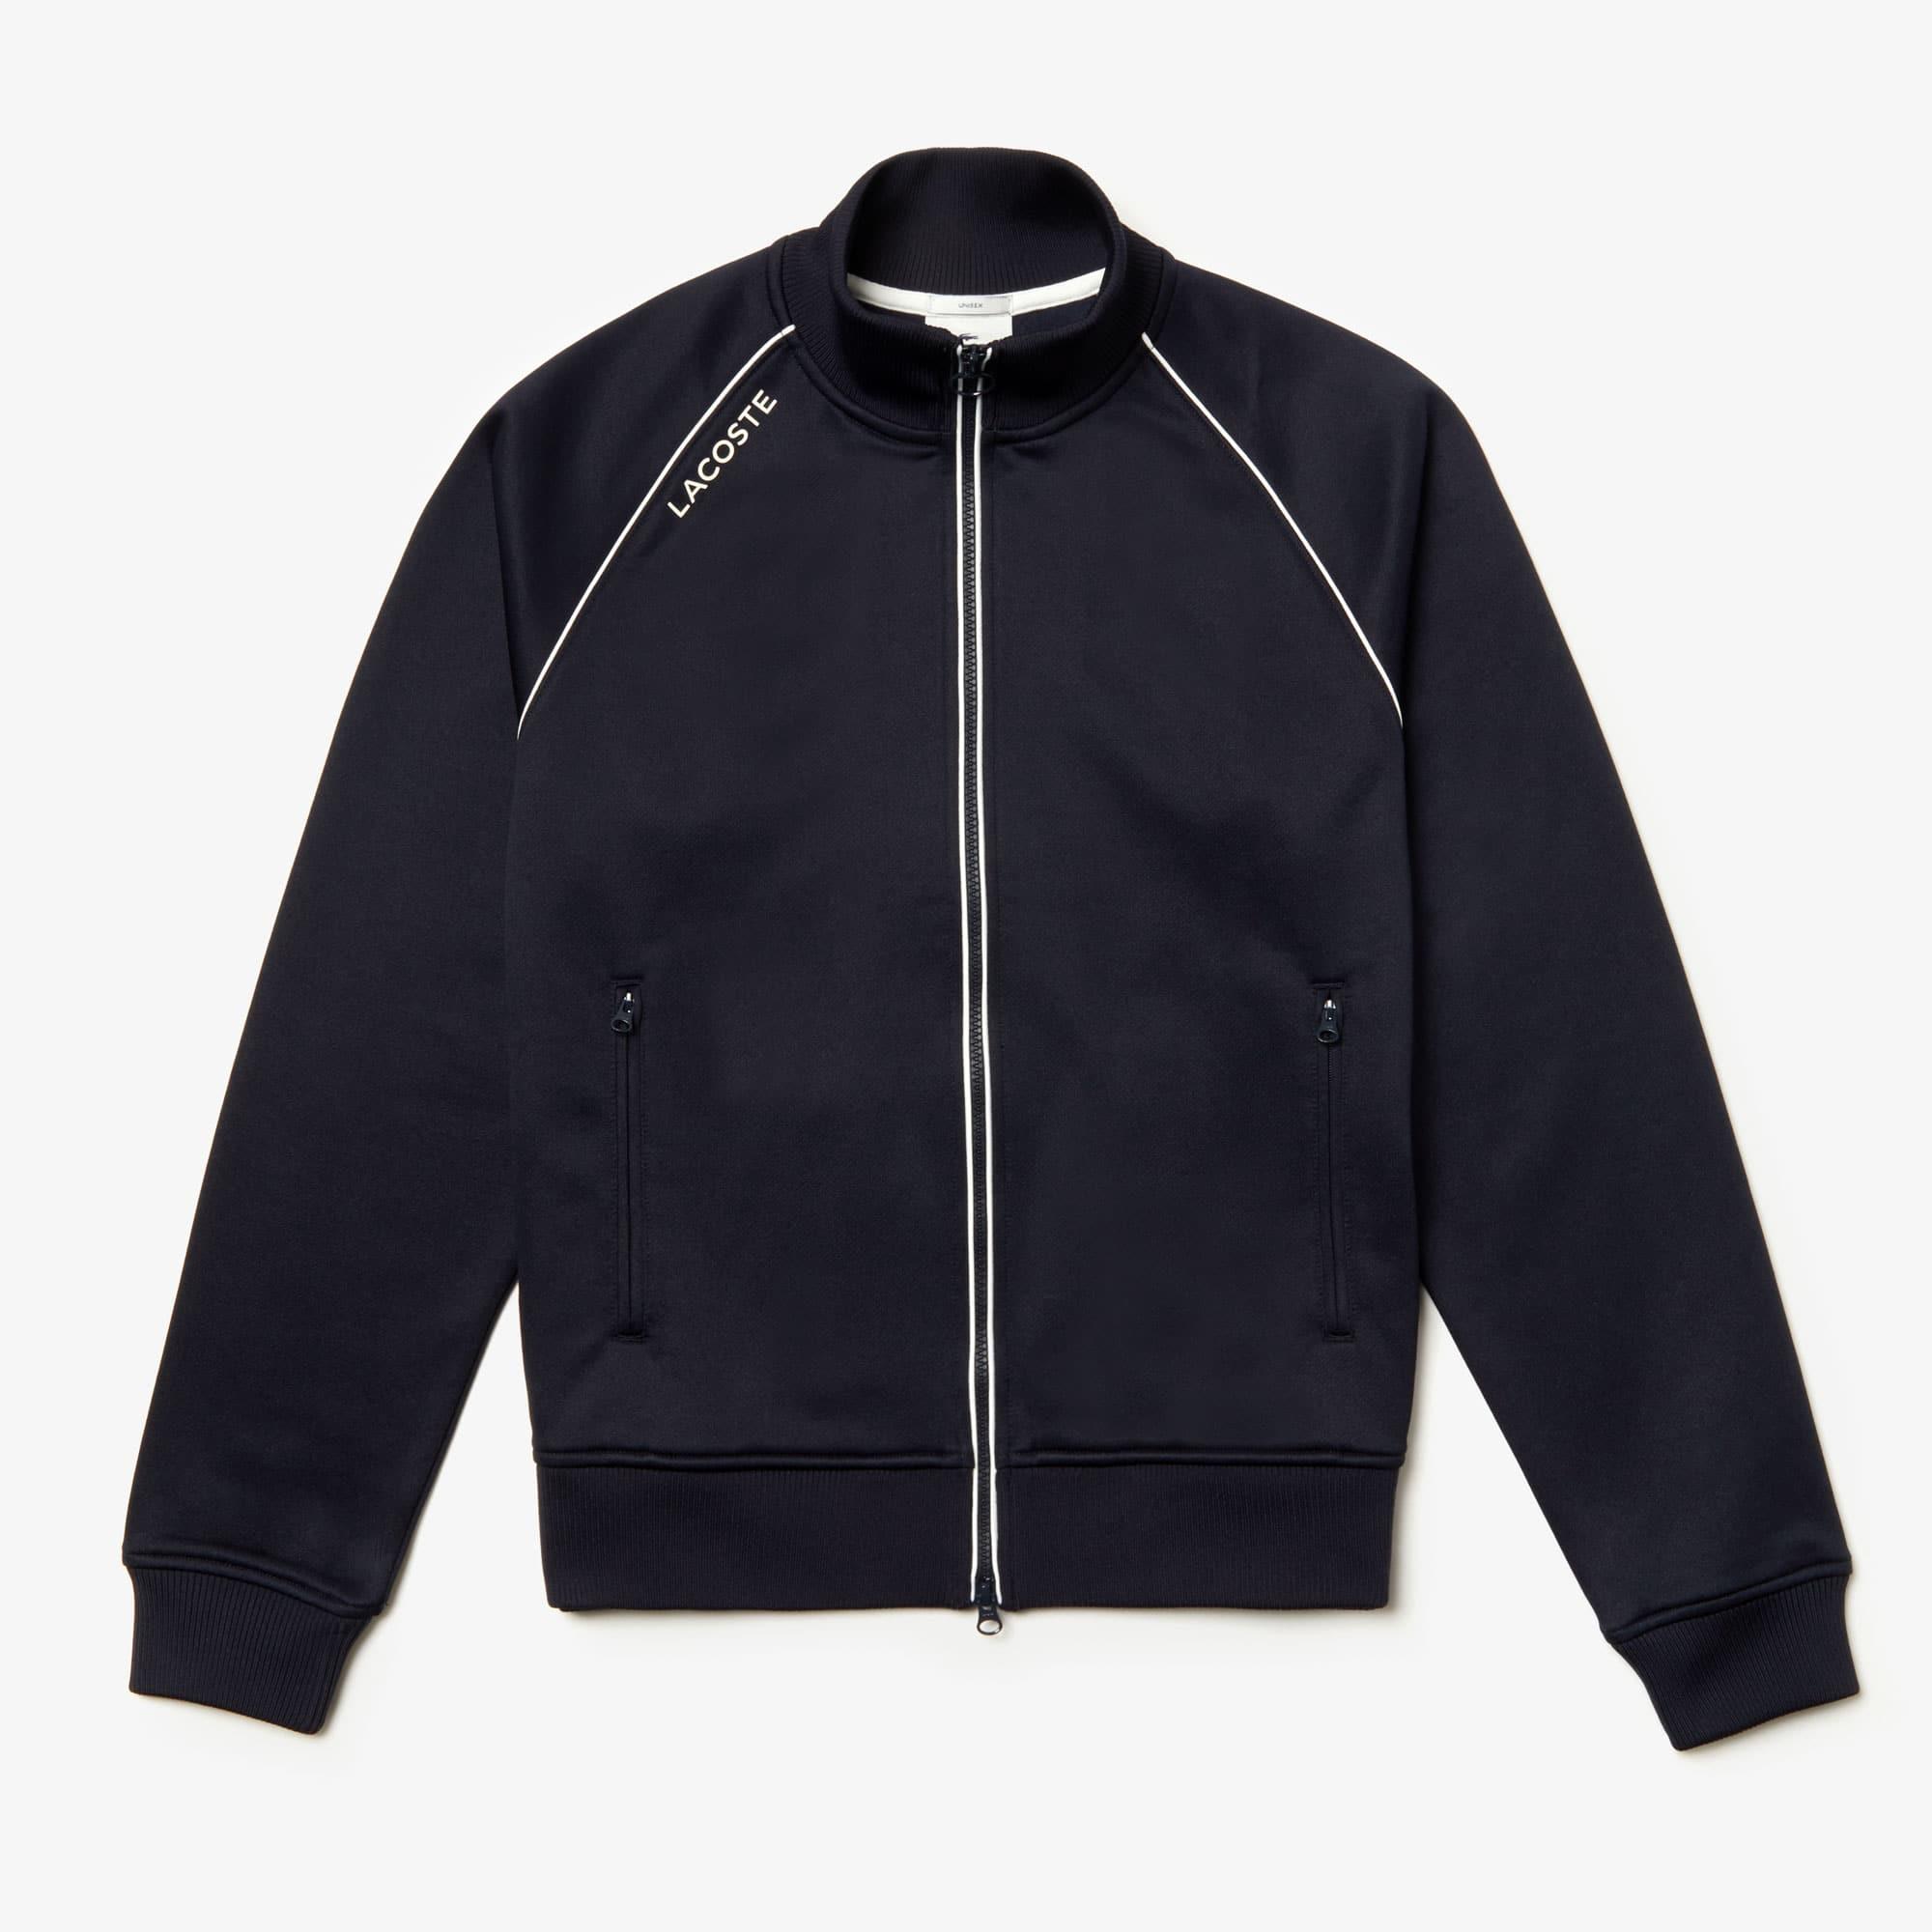 Homme Lacoste Lacoste SweatshirtsVêtements SweatshirtsVêtements Homme SweatshirtsVêtements ZOiuTPkX